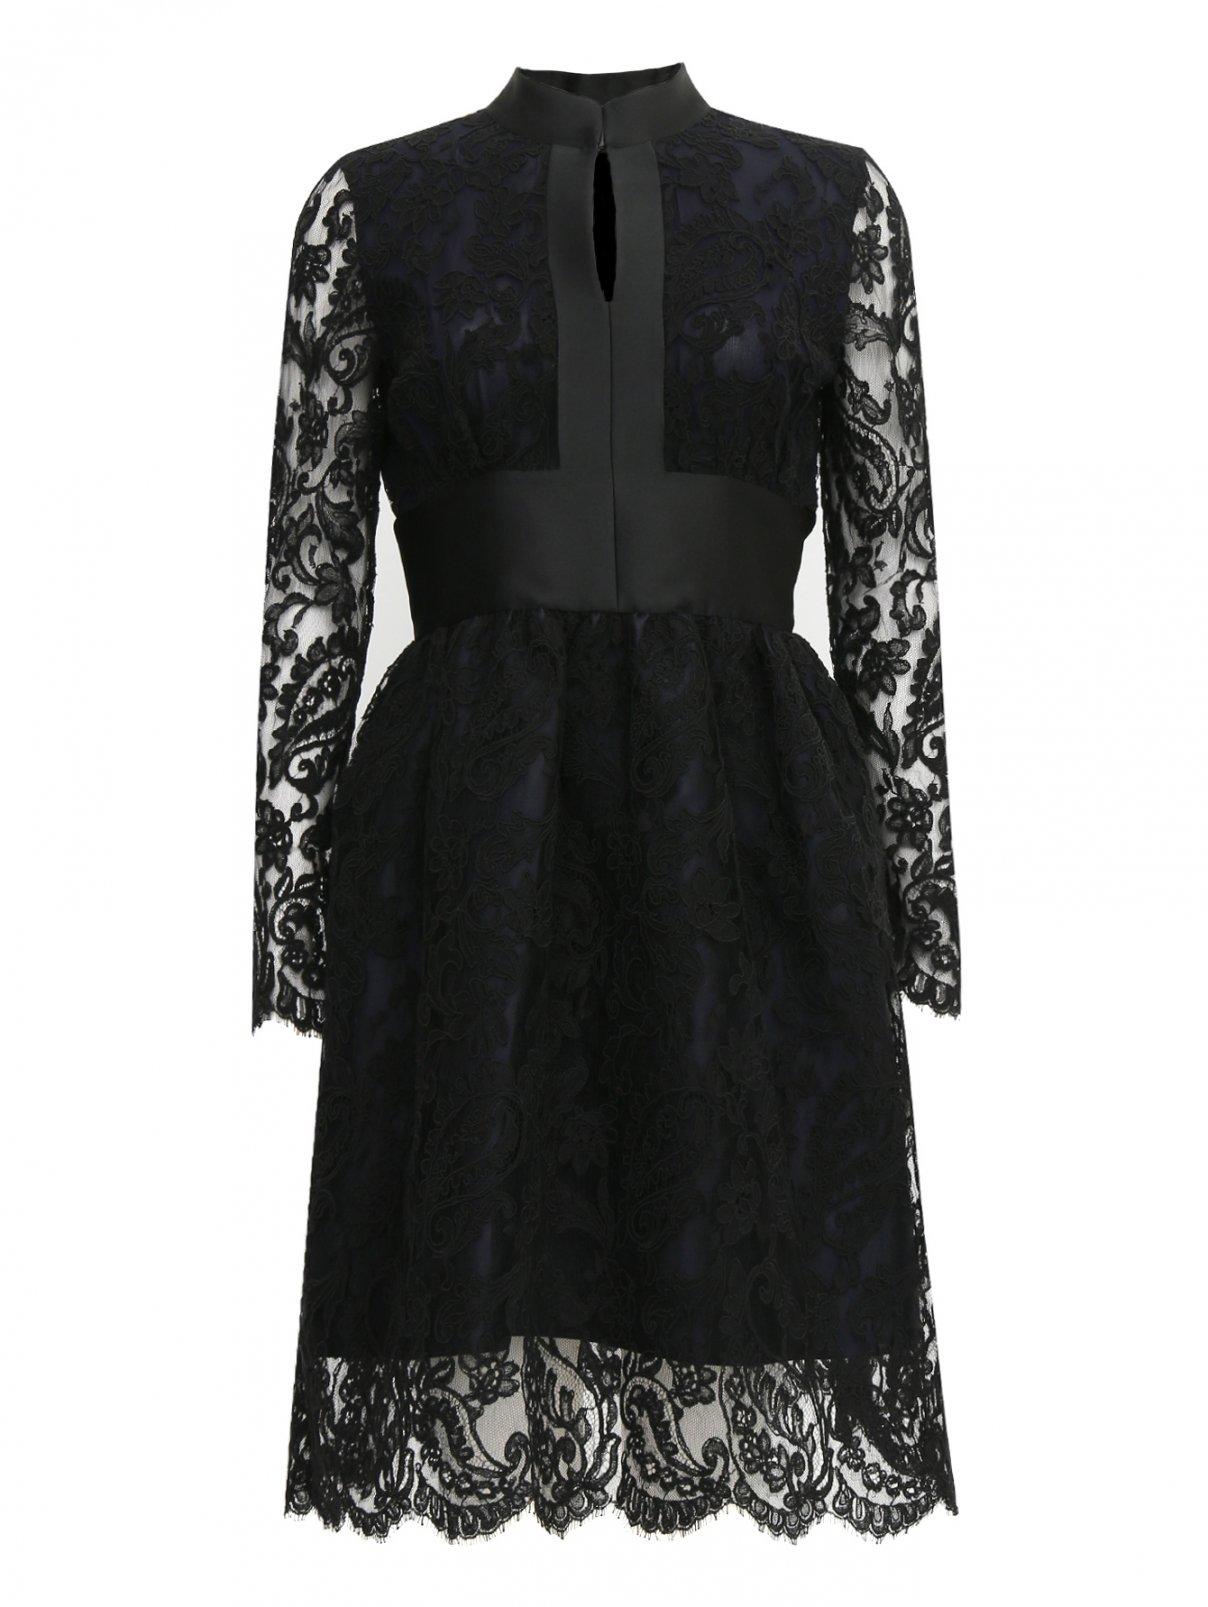 Черное платье хлопок кружево флористические базы в москве